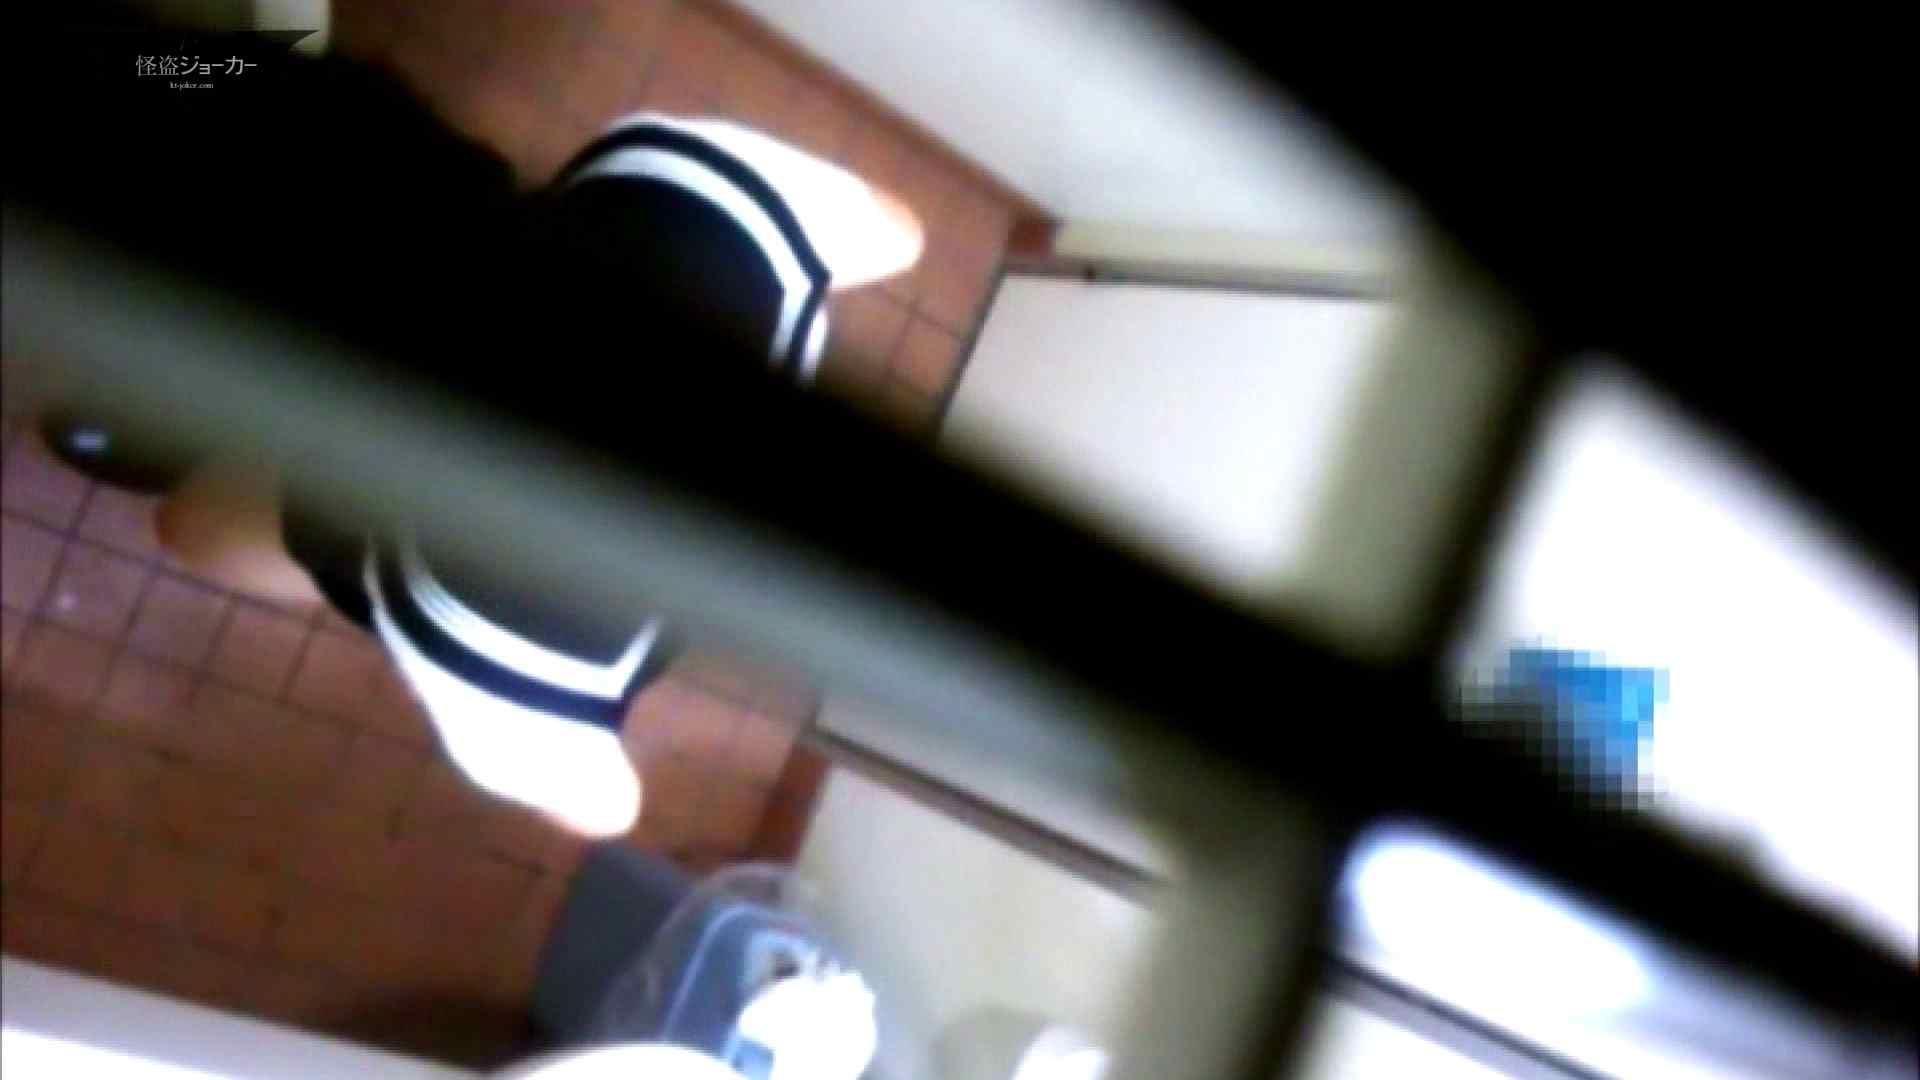 店長代理の盗撮録 Vol.02 制服ばかりをあつめてみました。その2 OLのボディ | 盗撮  49PIX 49